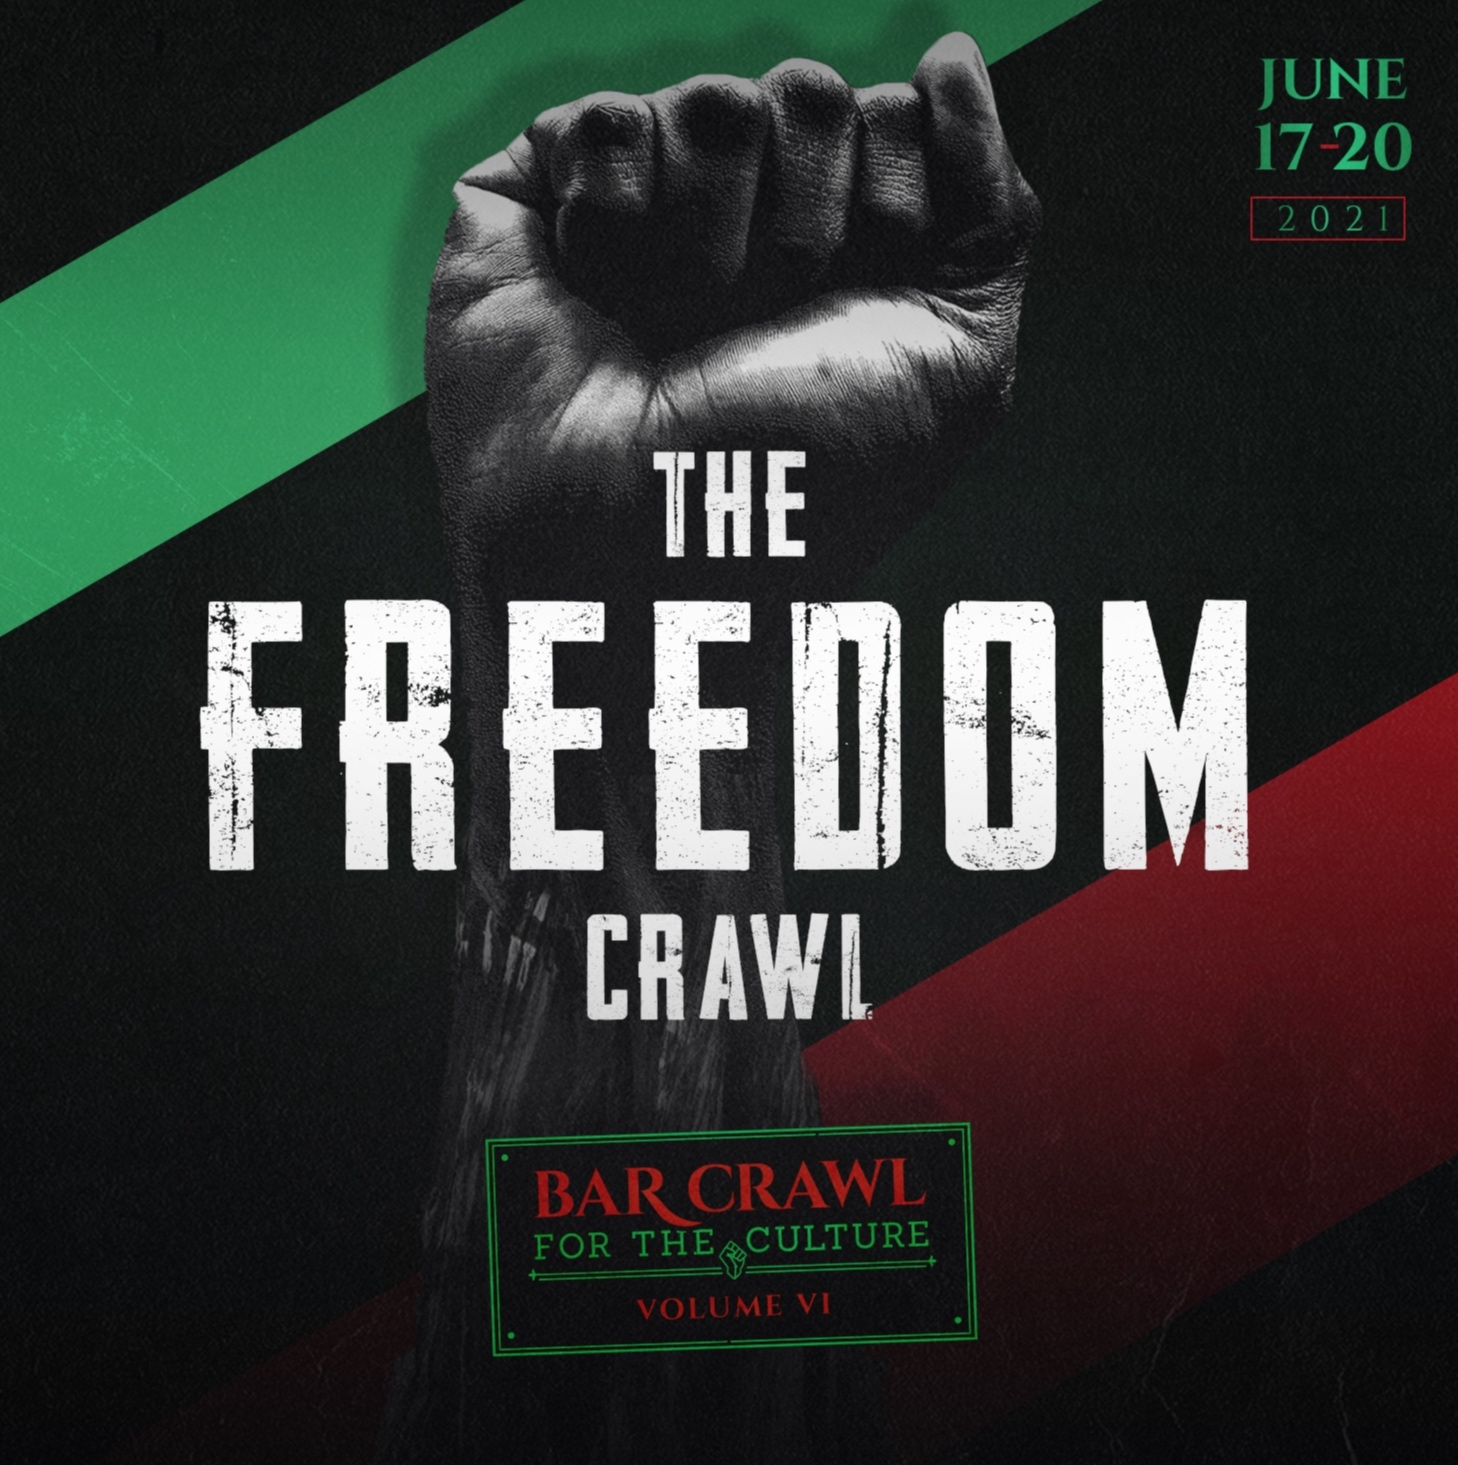 Crawl for the Culture Vol VI | The Freedom Crawl